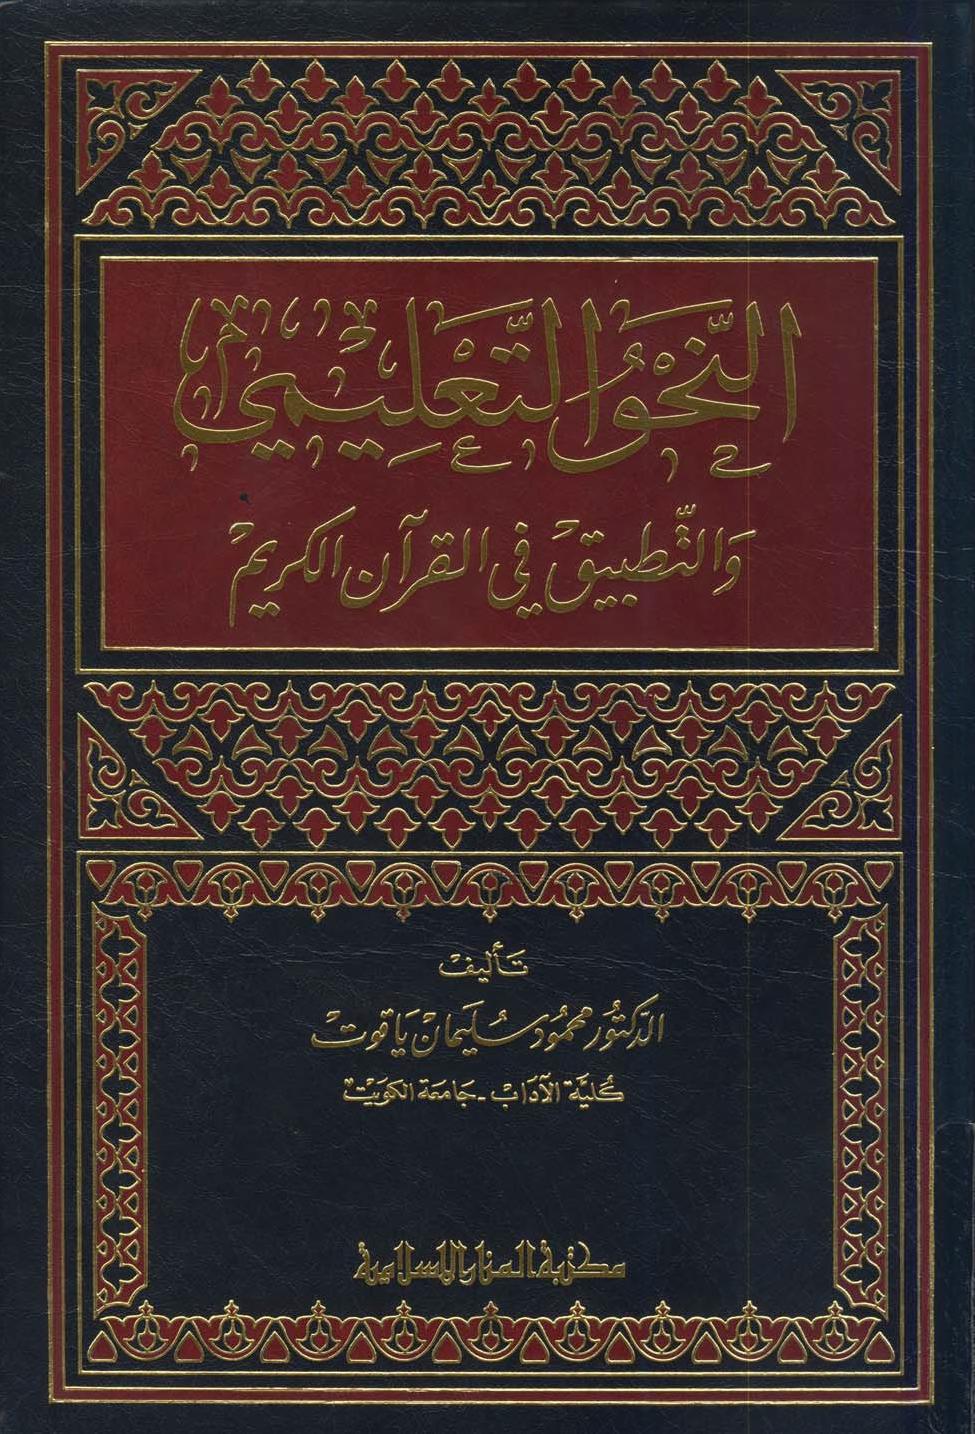 تحميل كتاب النحو التعليمي والتطبيق في القرآن الكريم لـِ: الدكتور محمود سليمان ياقوت